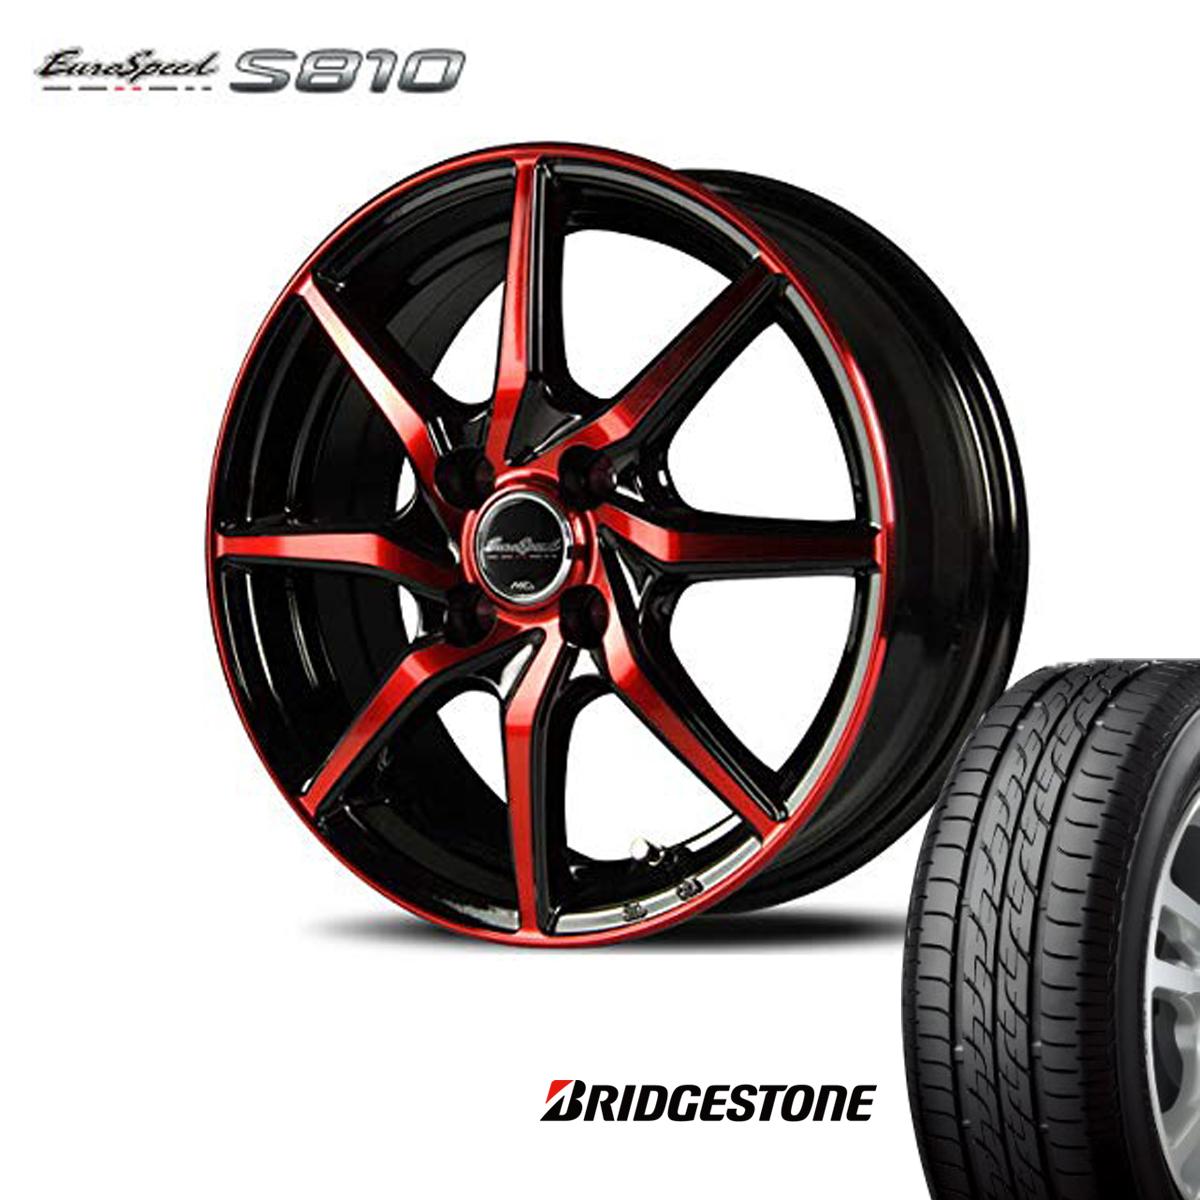 Euro Speed タイヤ ホイール セット 1本 14インチ 4H100 5.5J+45 ユーロスピード S810 マナレイ スポーツ ブリヂストン 175/65R14 175 65 14